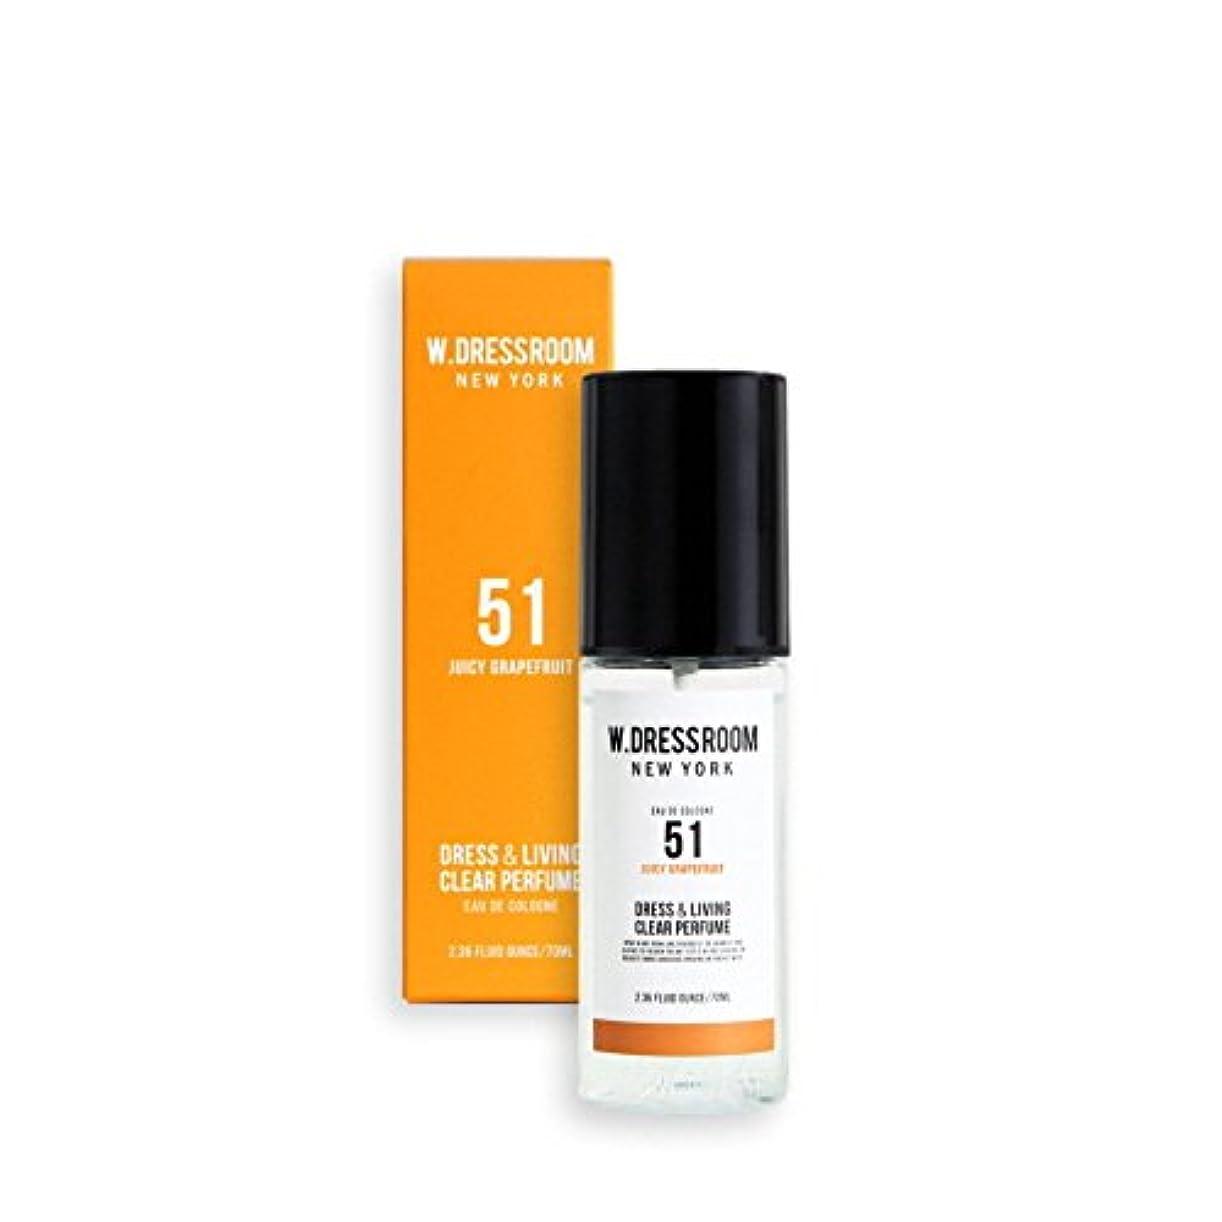 アベニュー旅行アサートW.DRESSROOM Dress & Living Clear Perfume fragrance 70ml (#No.51 Juicy Grapefruit)/ダブルドレスルーム ドレス&リビング クリア パフューム...